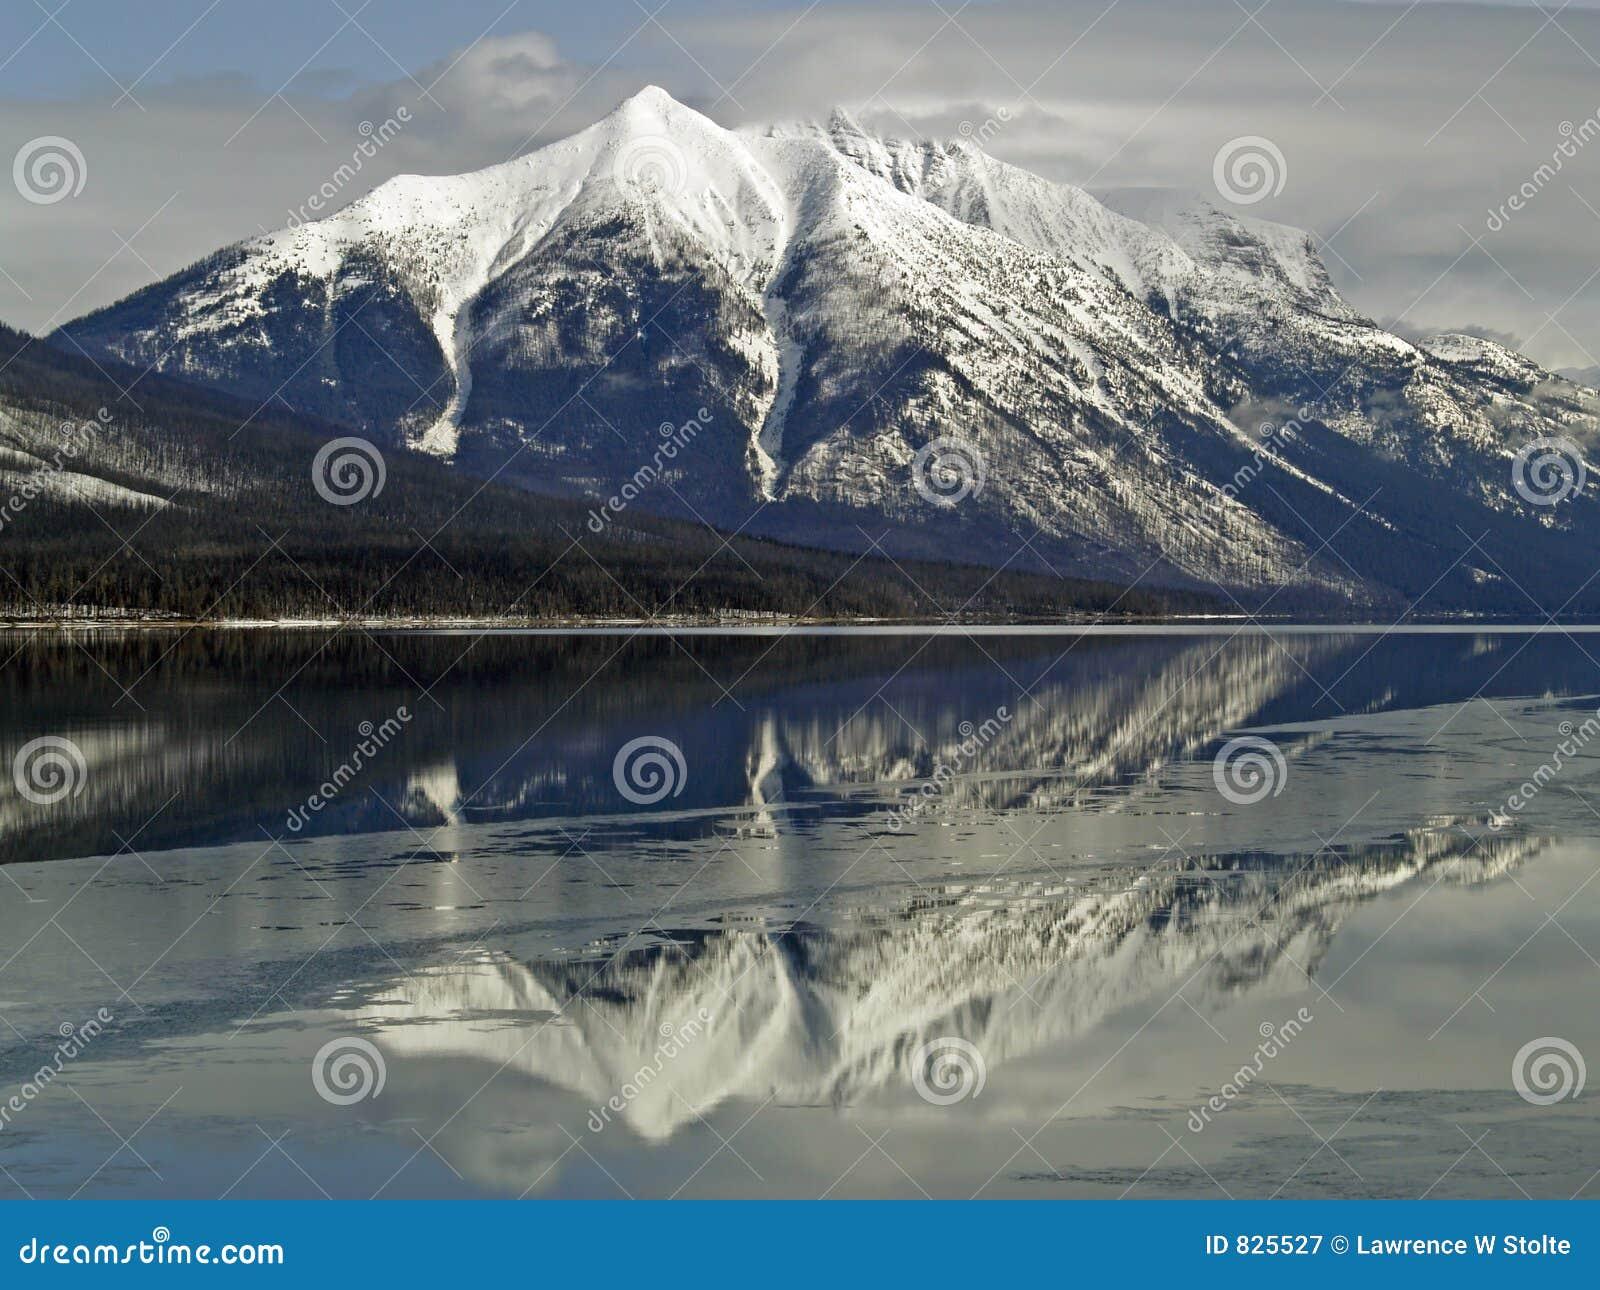 Stanton Mountain Reflection